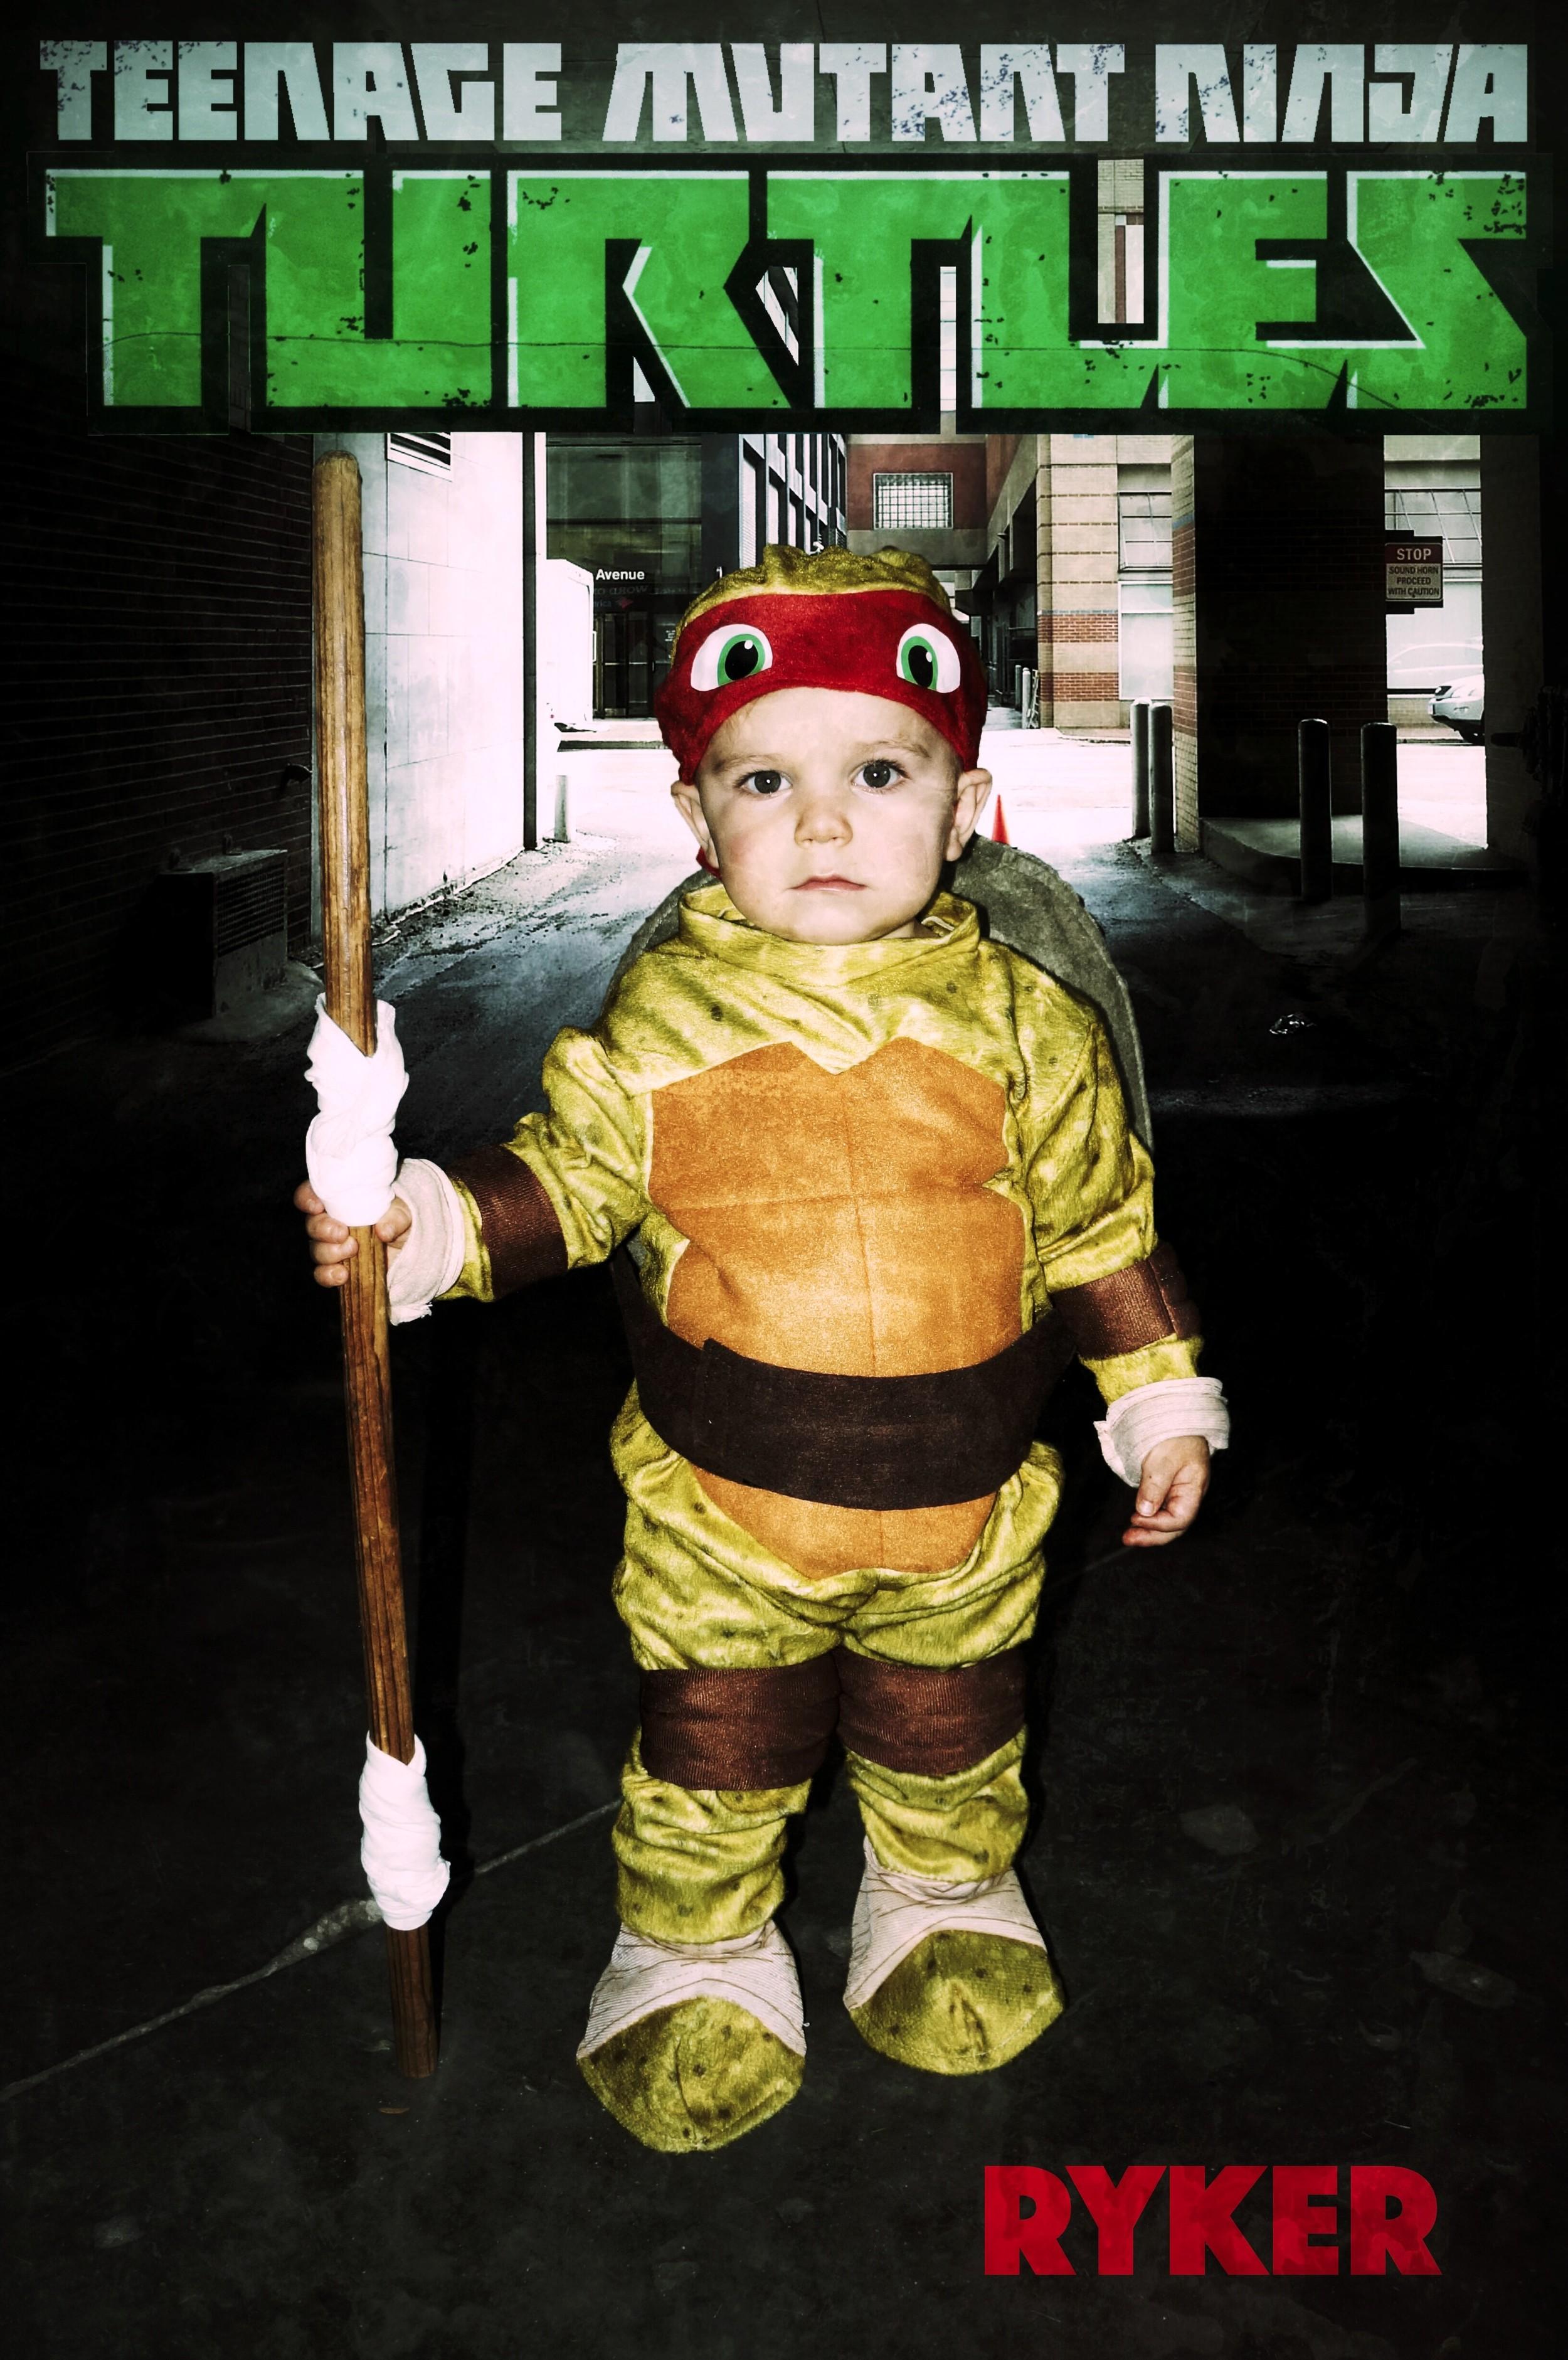 Ryker as a Ninja Turtle